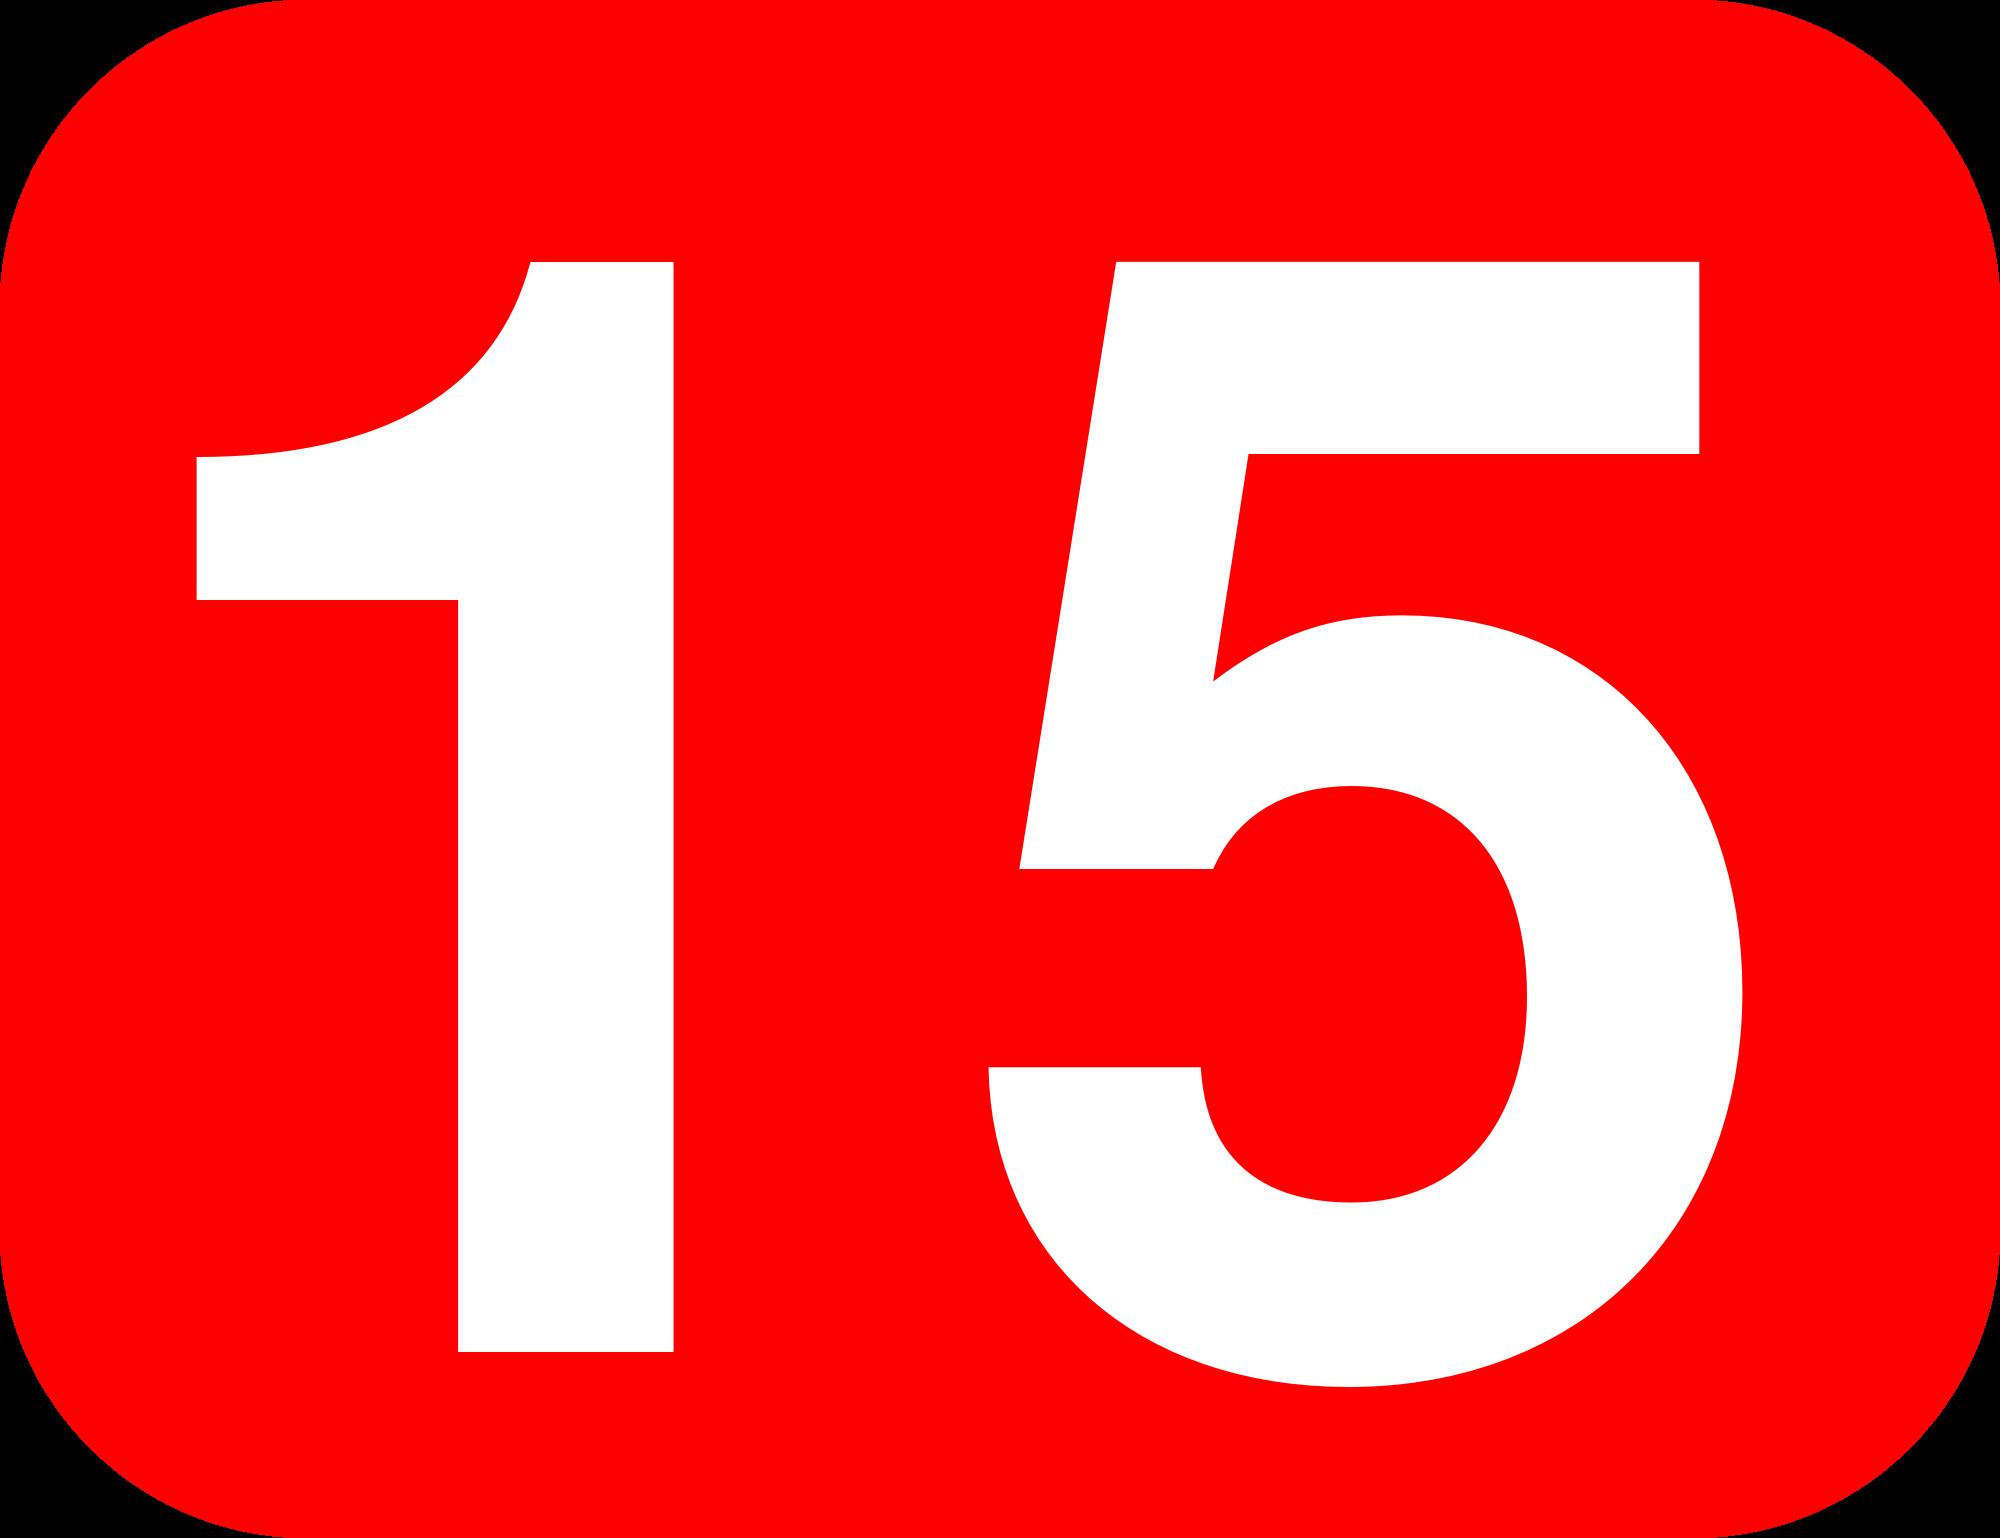 معاني تفسير رقم 15 في المنام لابن سيرين في الخير والشر موسوعة Pinterest Logo Math Words Interactive Charts